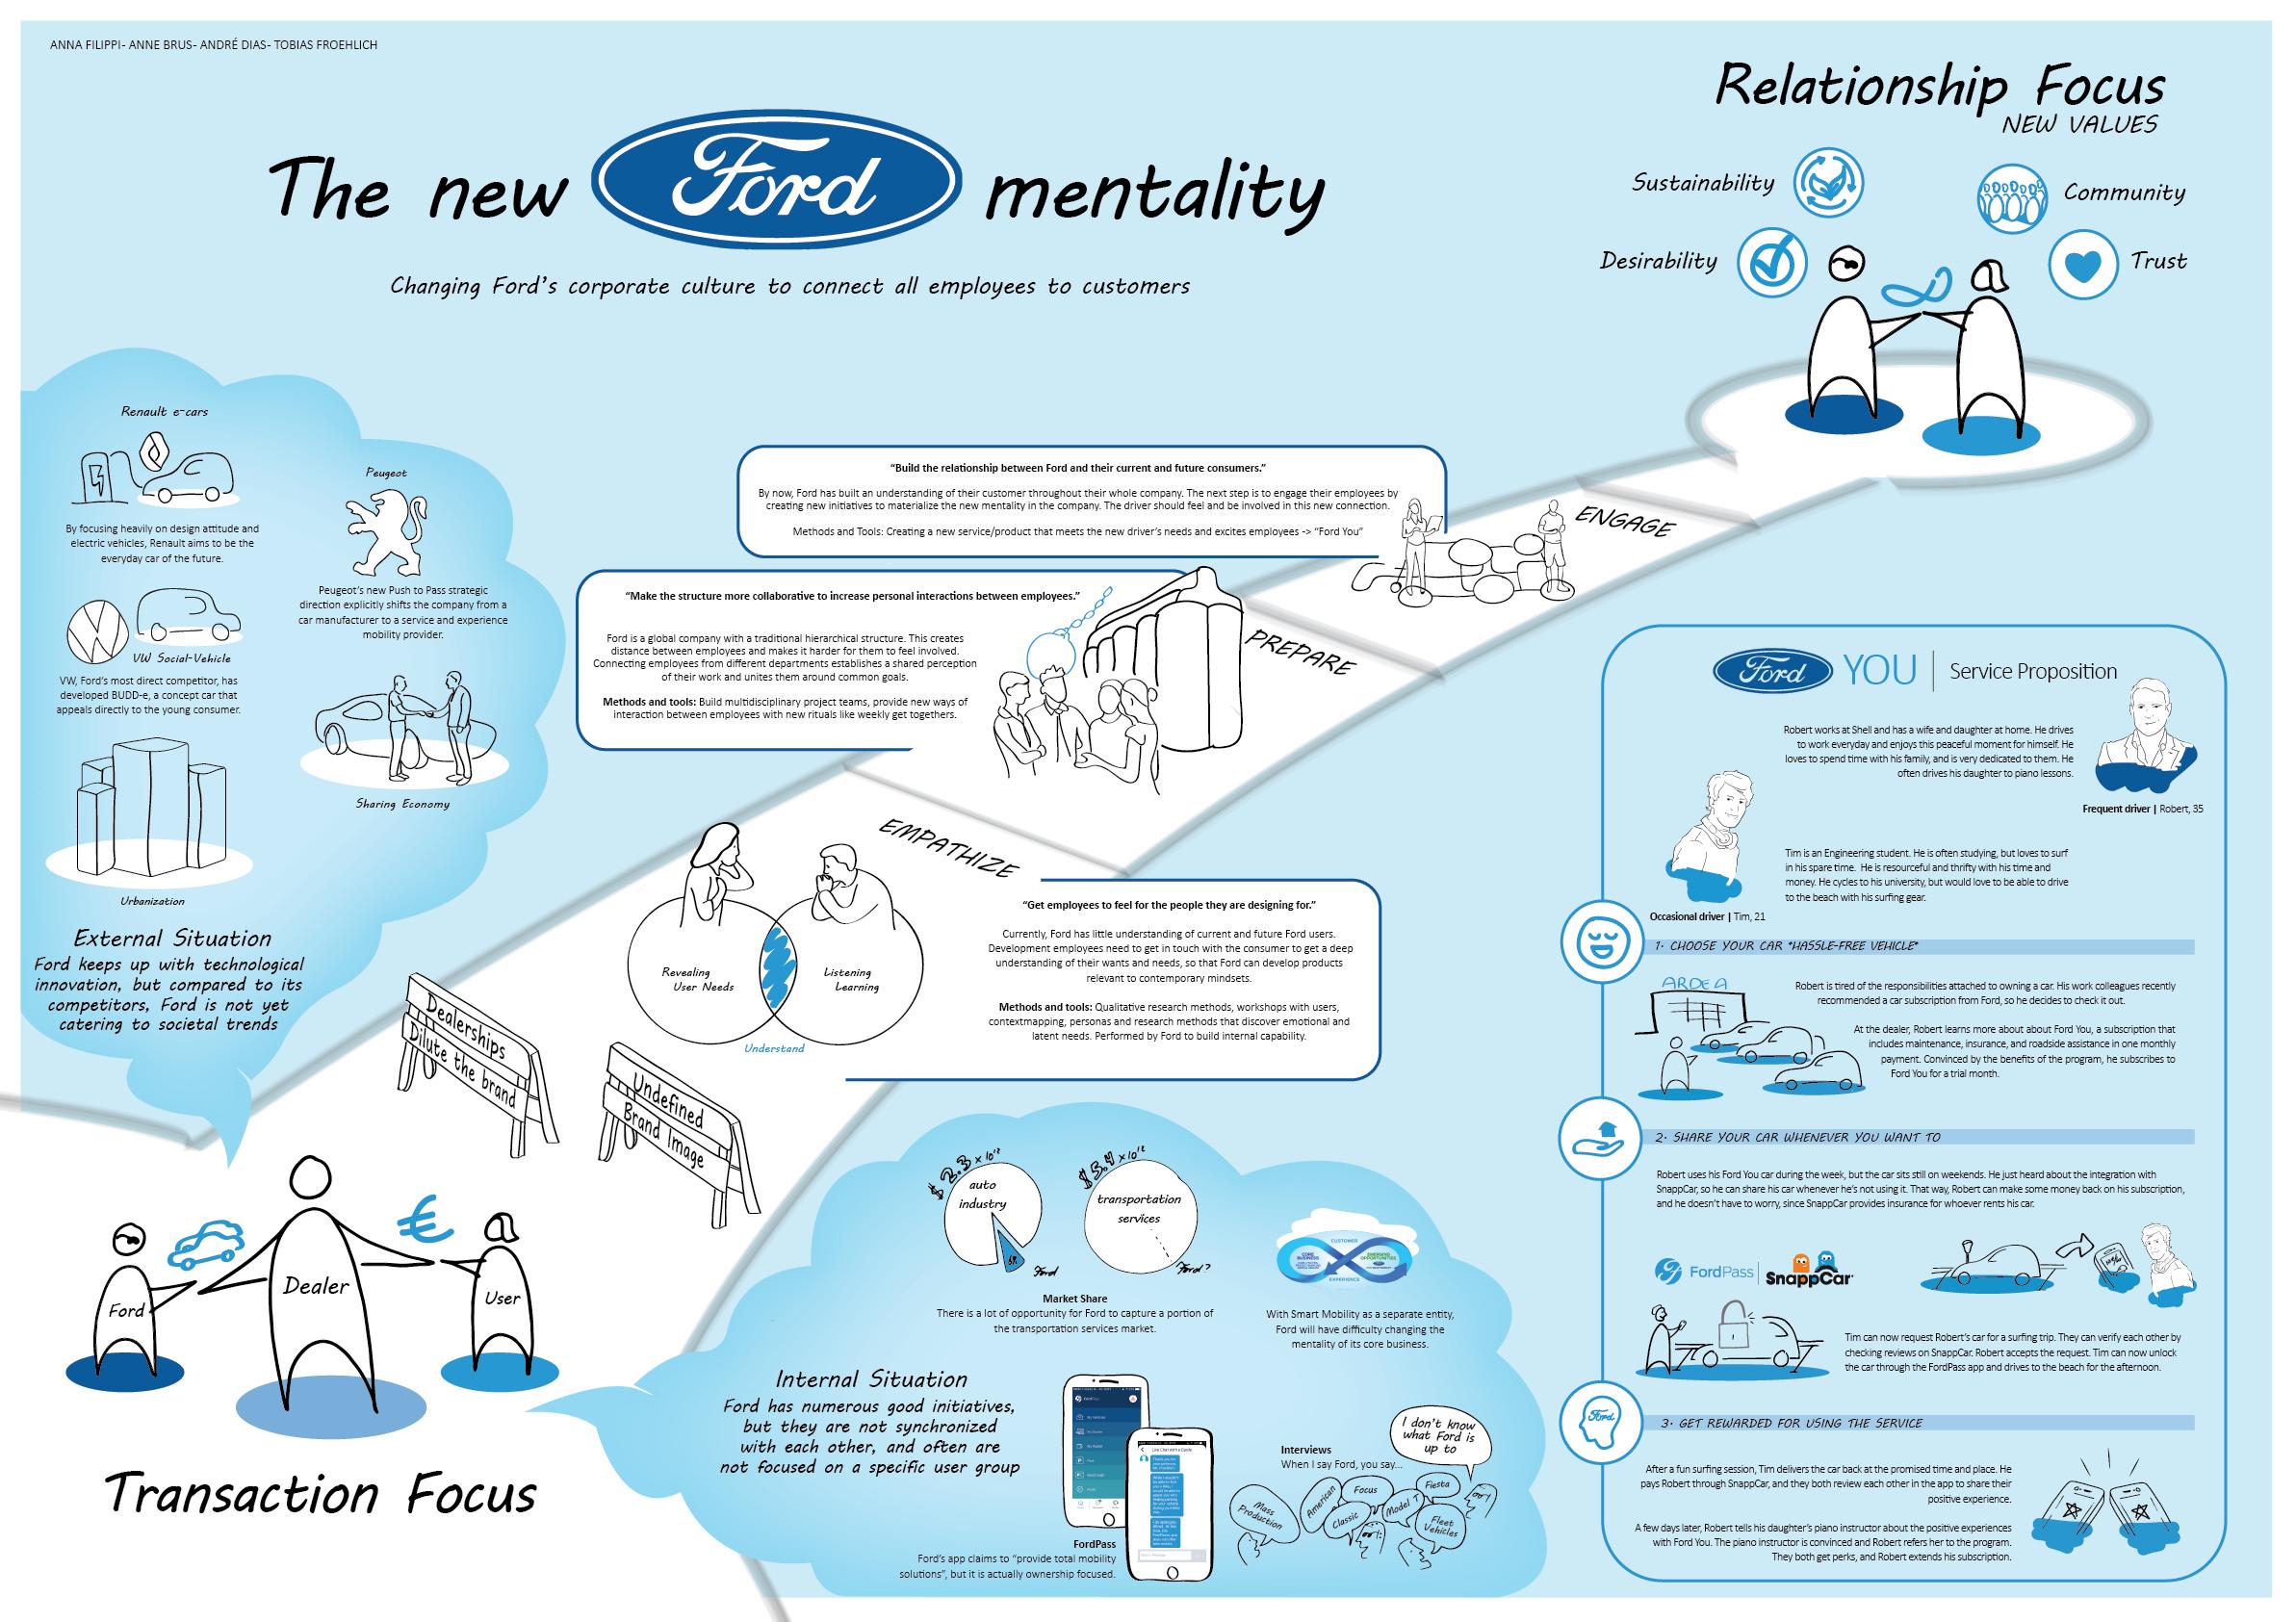 Instilling a customer mindset at Ford